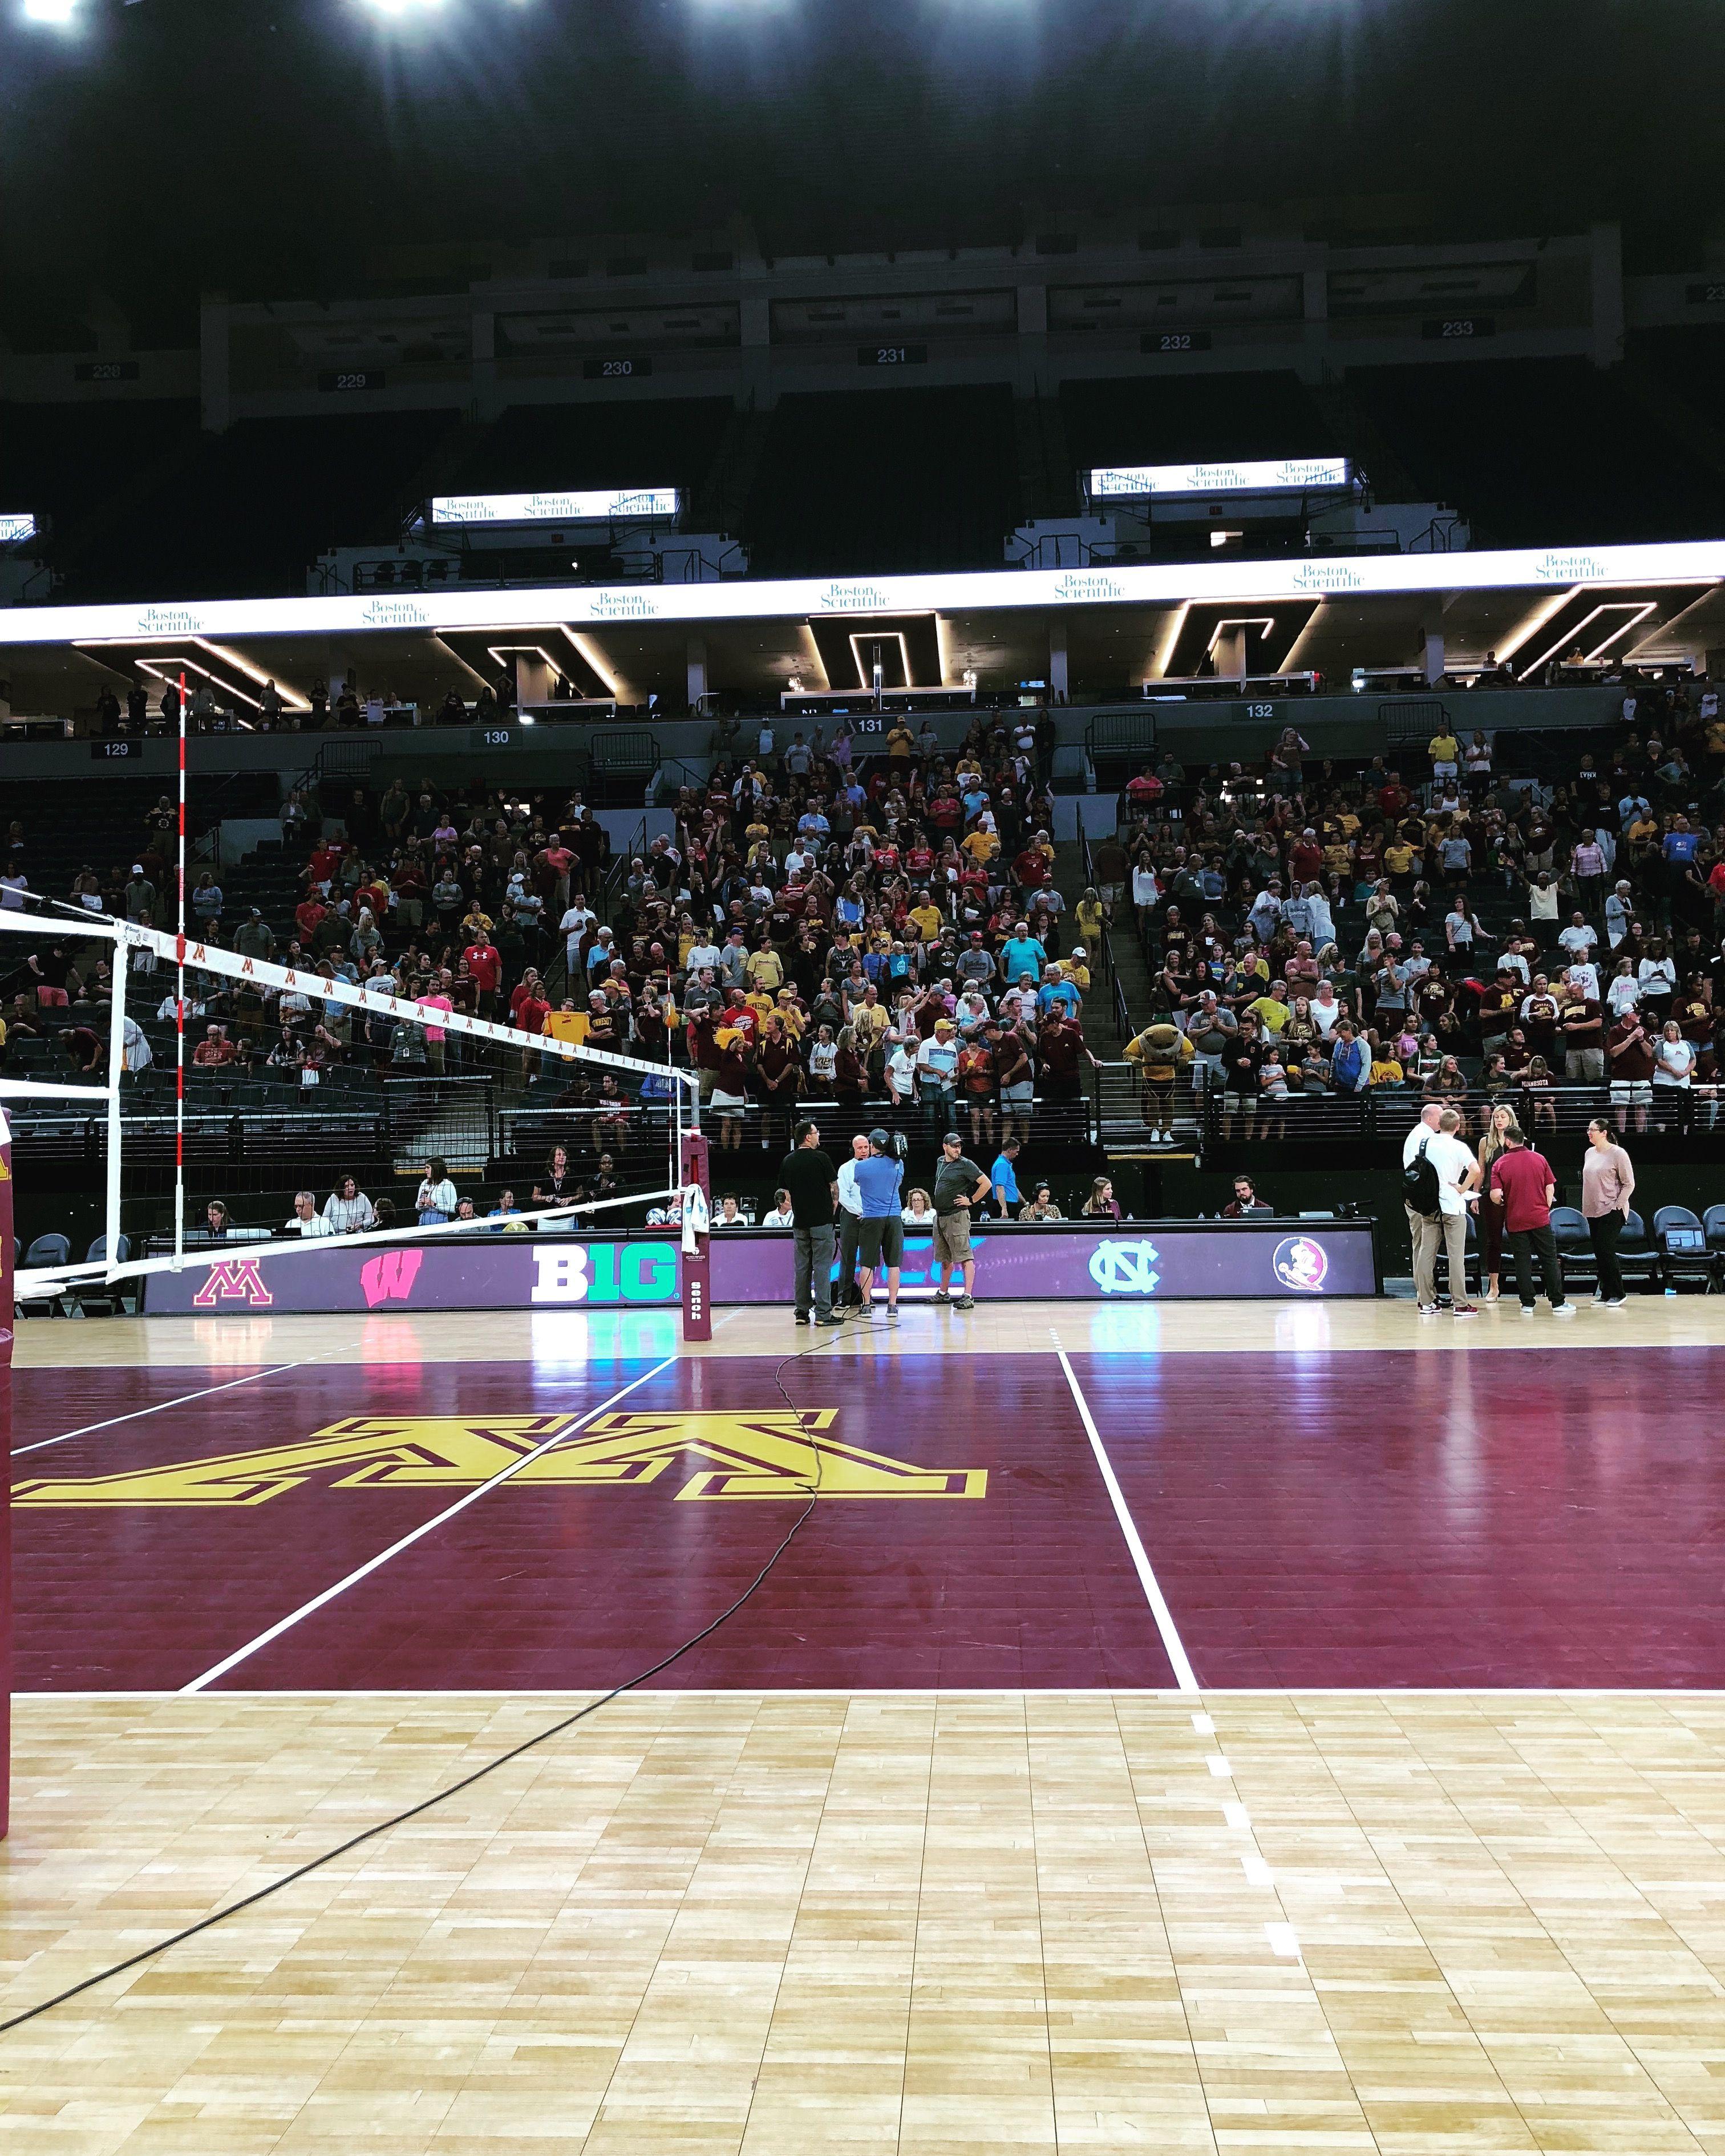 Big 10 Acc Challenge Volleyball Net Indoor Volleyball Outdoor Volleyball Net